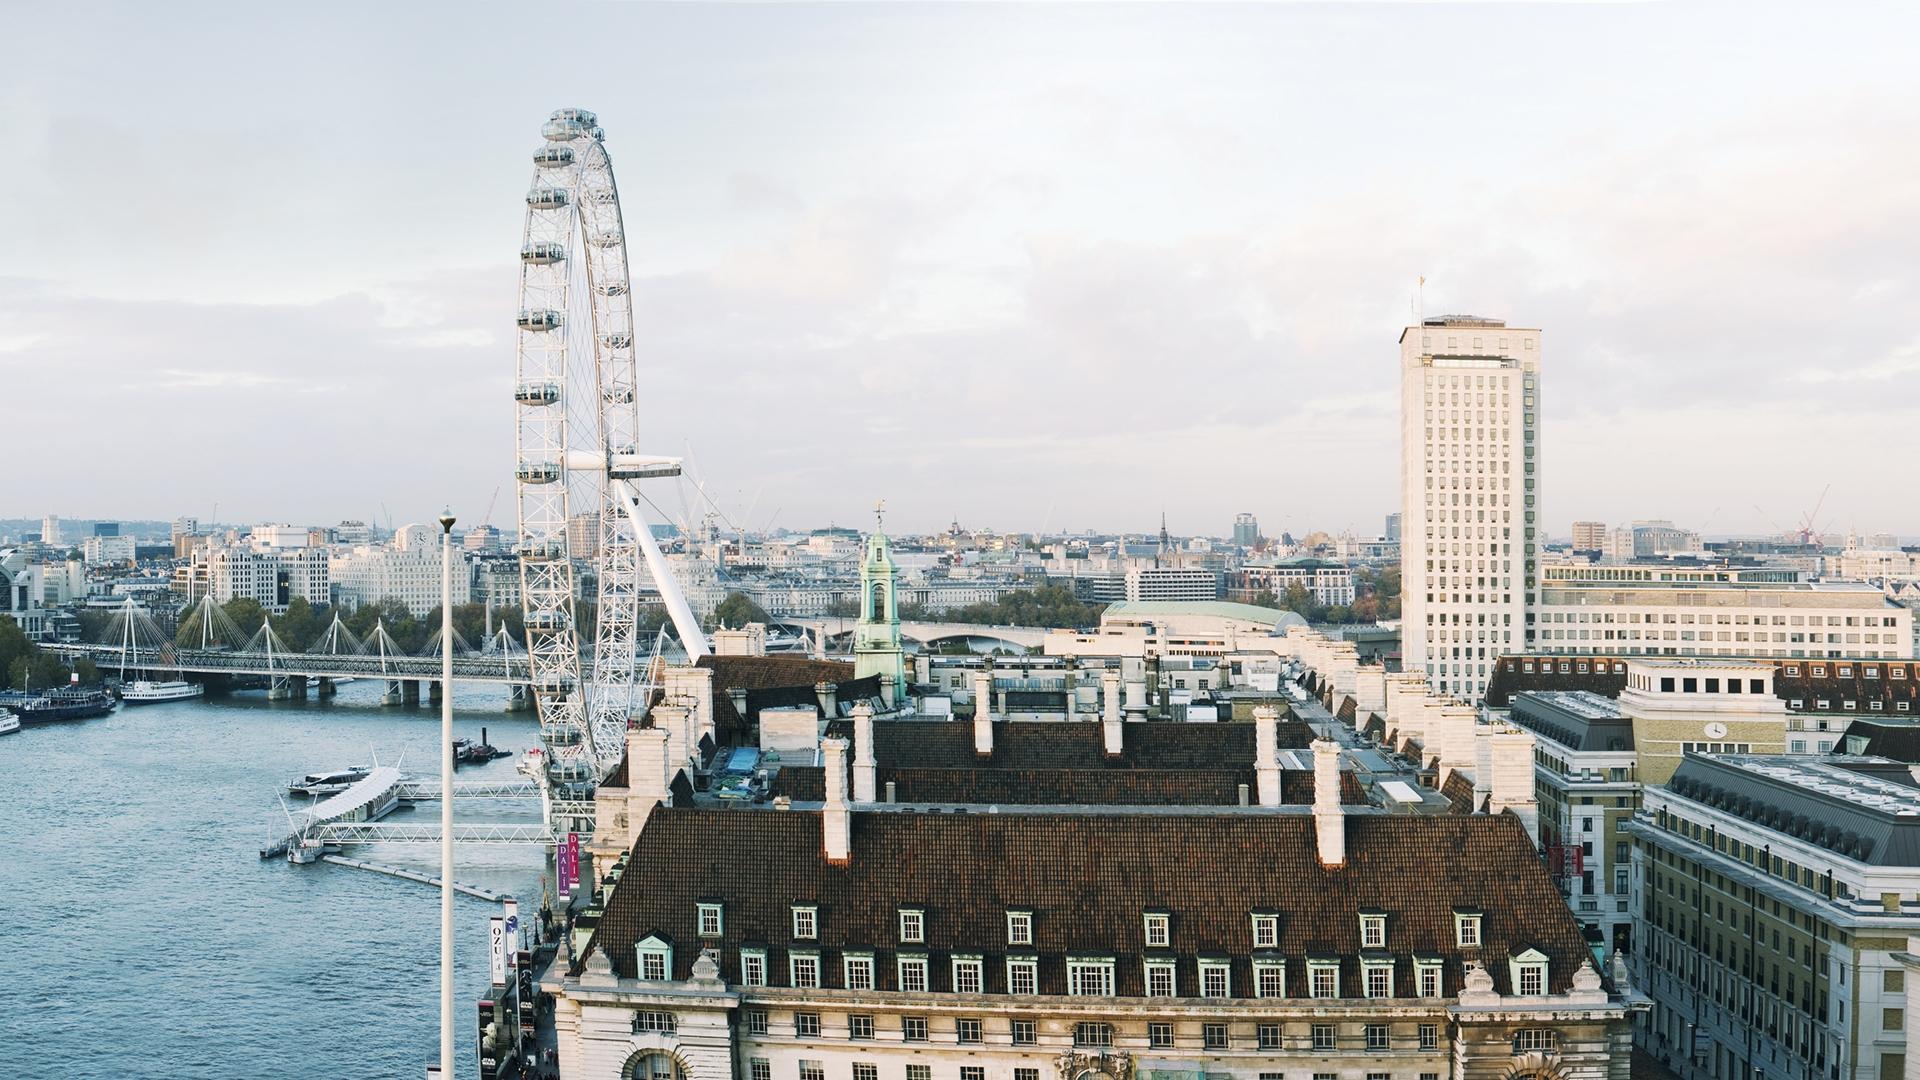 large digitally-composed image of london eye